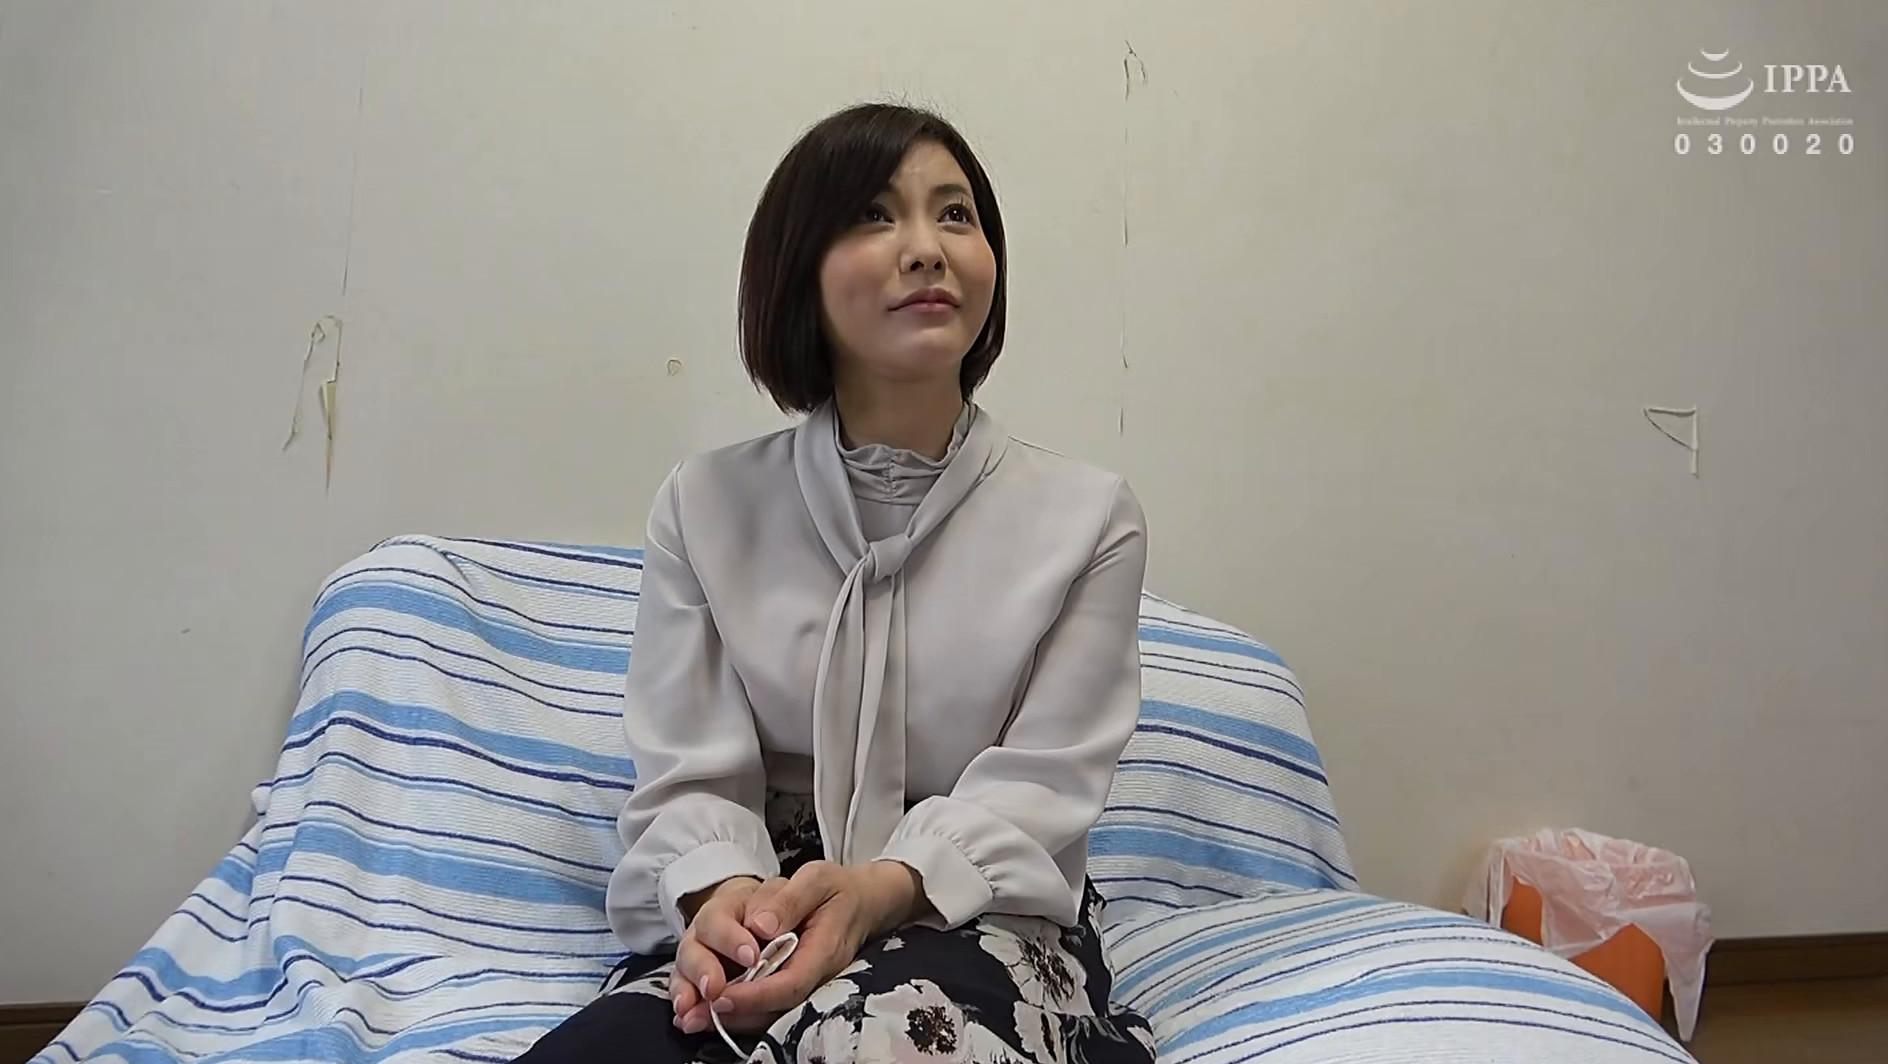 禁忌 人妻性癖開眼 02 続・うちの妻・N樹(36)を寝取ってください 93 人妻なつき 三十七歳,のサンプル画像1